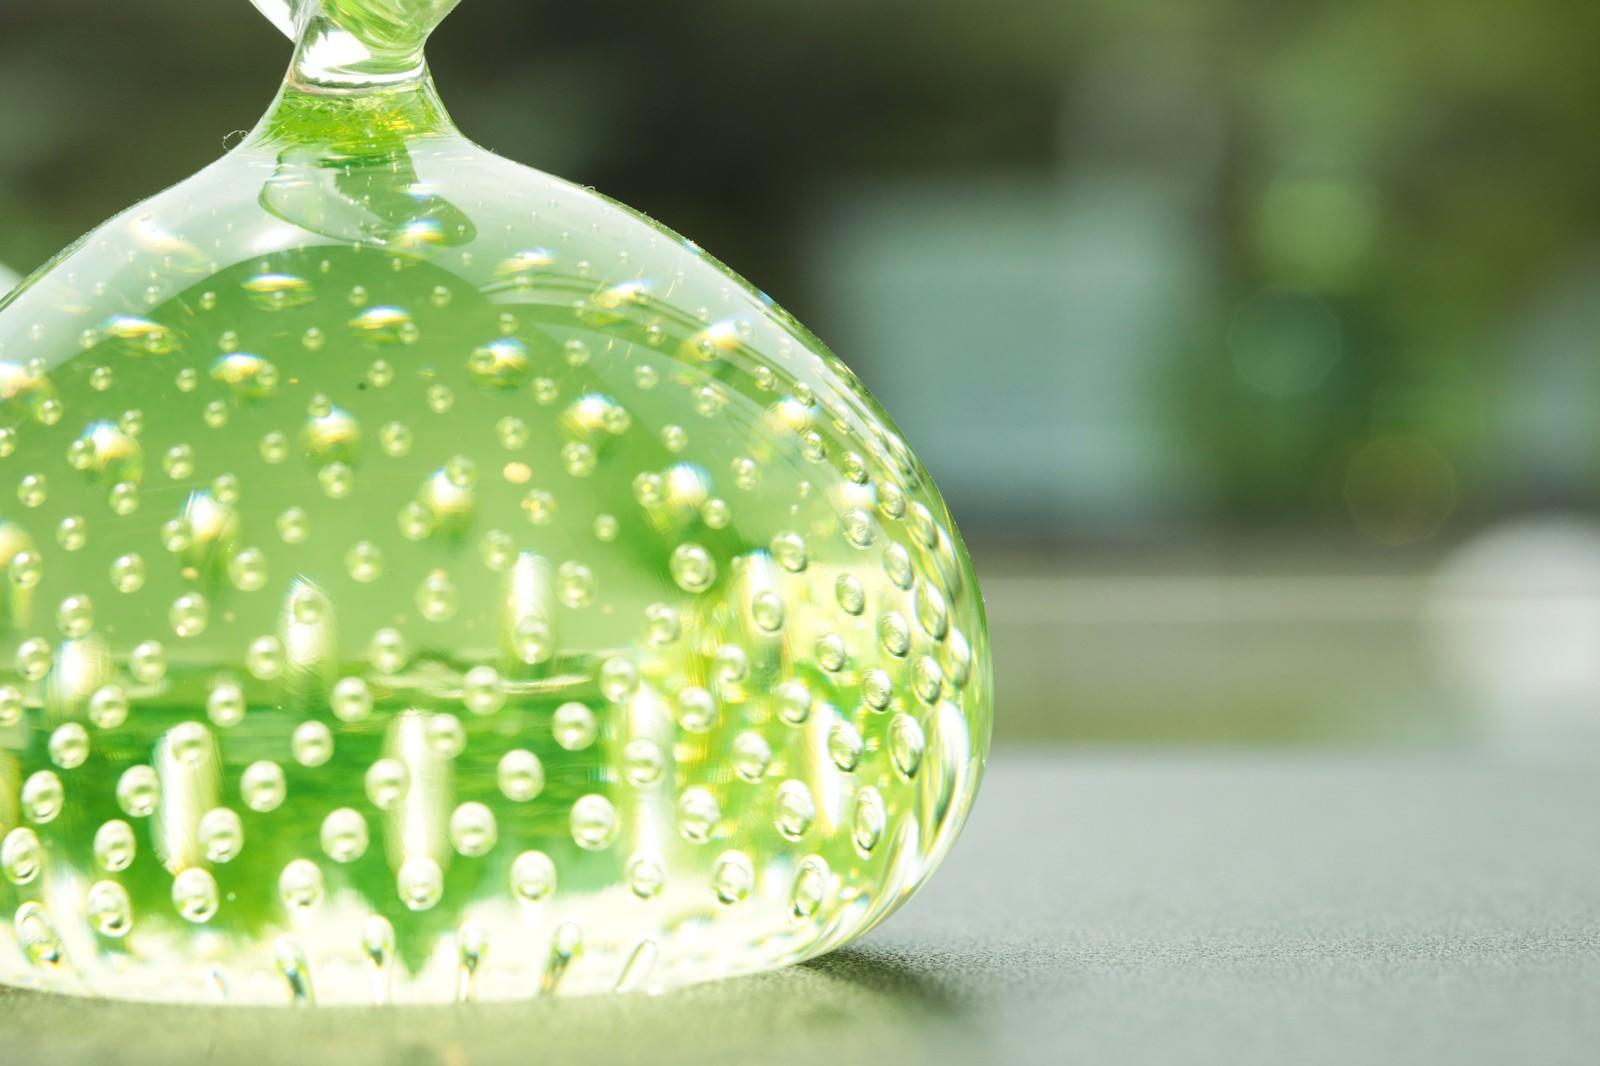 「美しい緑色のガラスのオブジェ」の写真